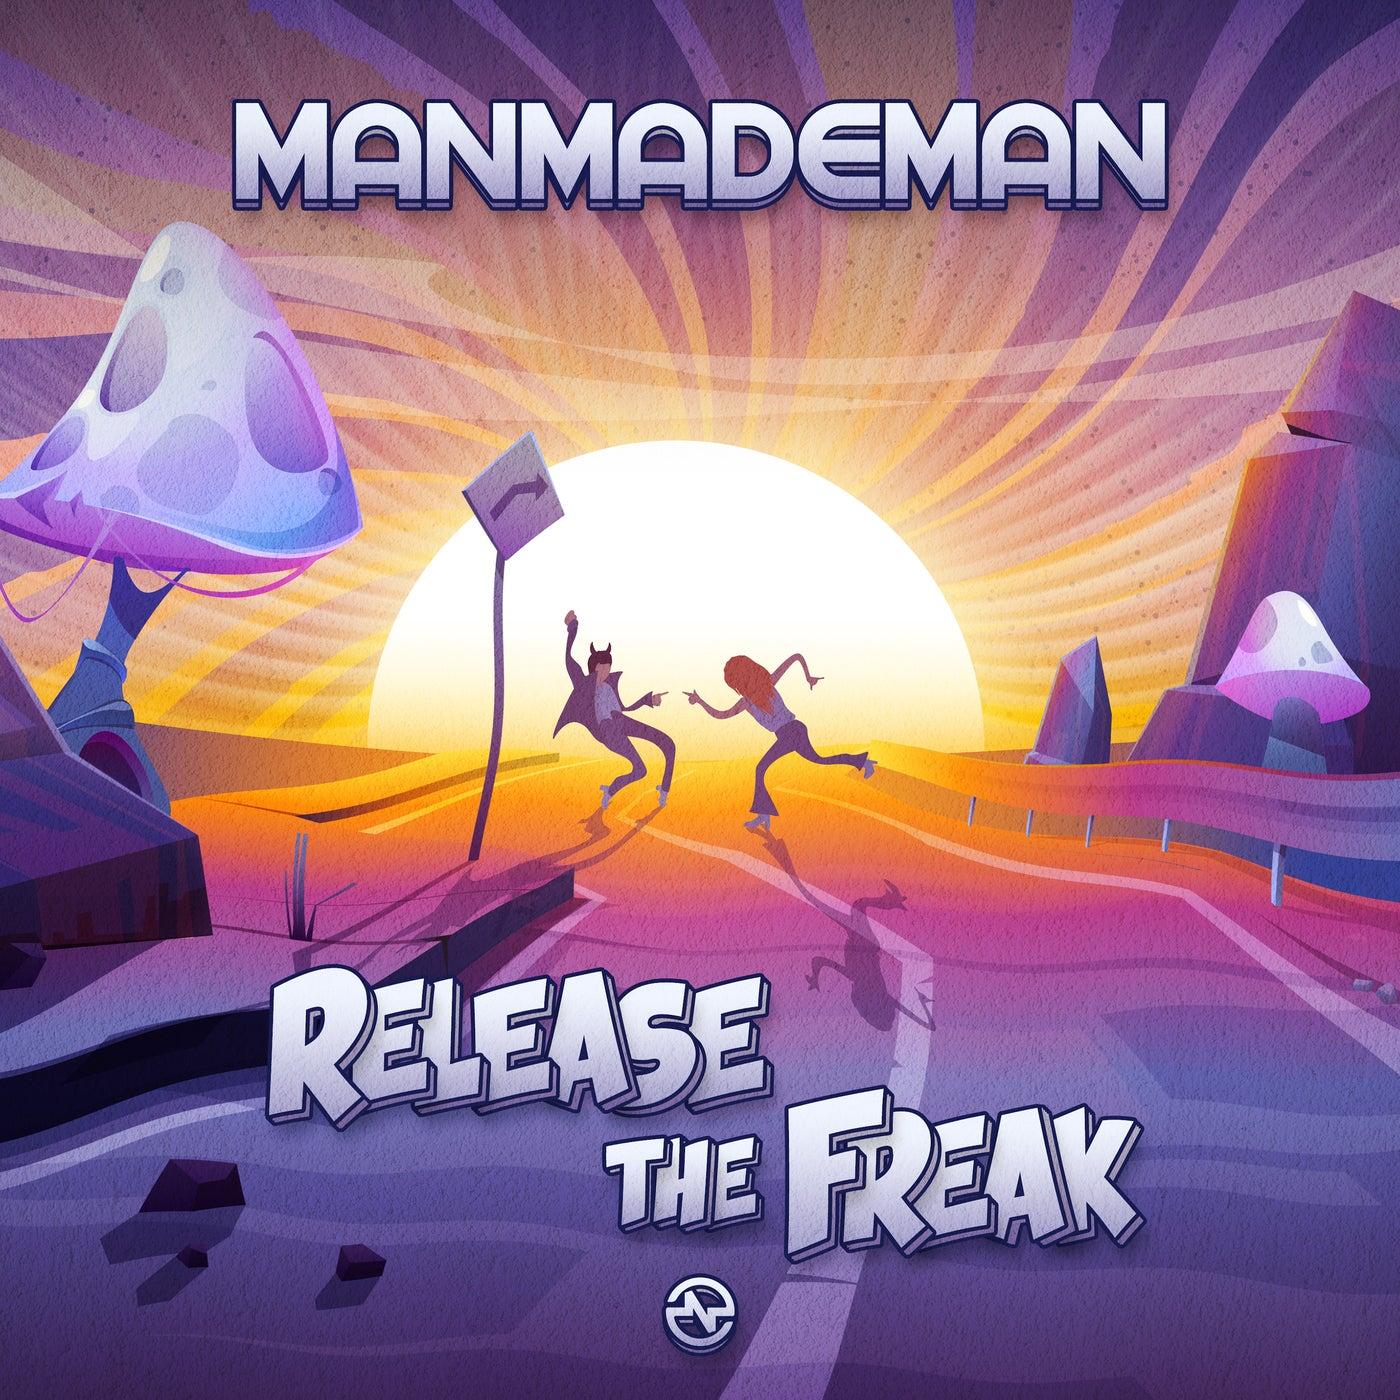 Release The Freak (Original Mix)